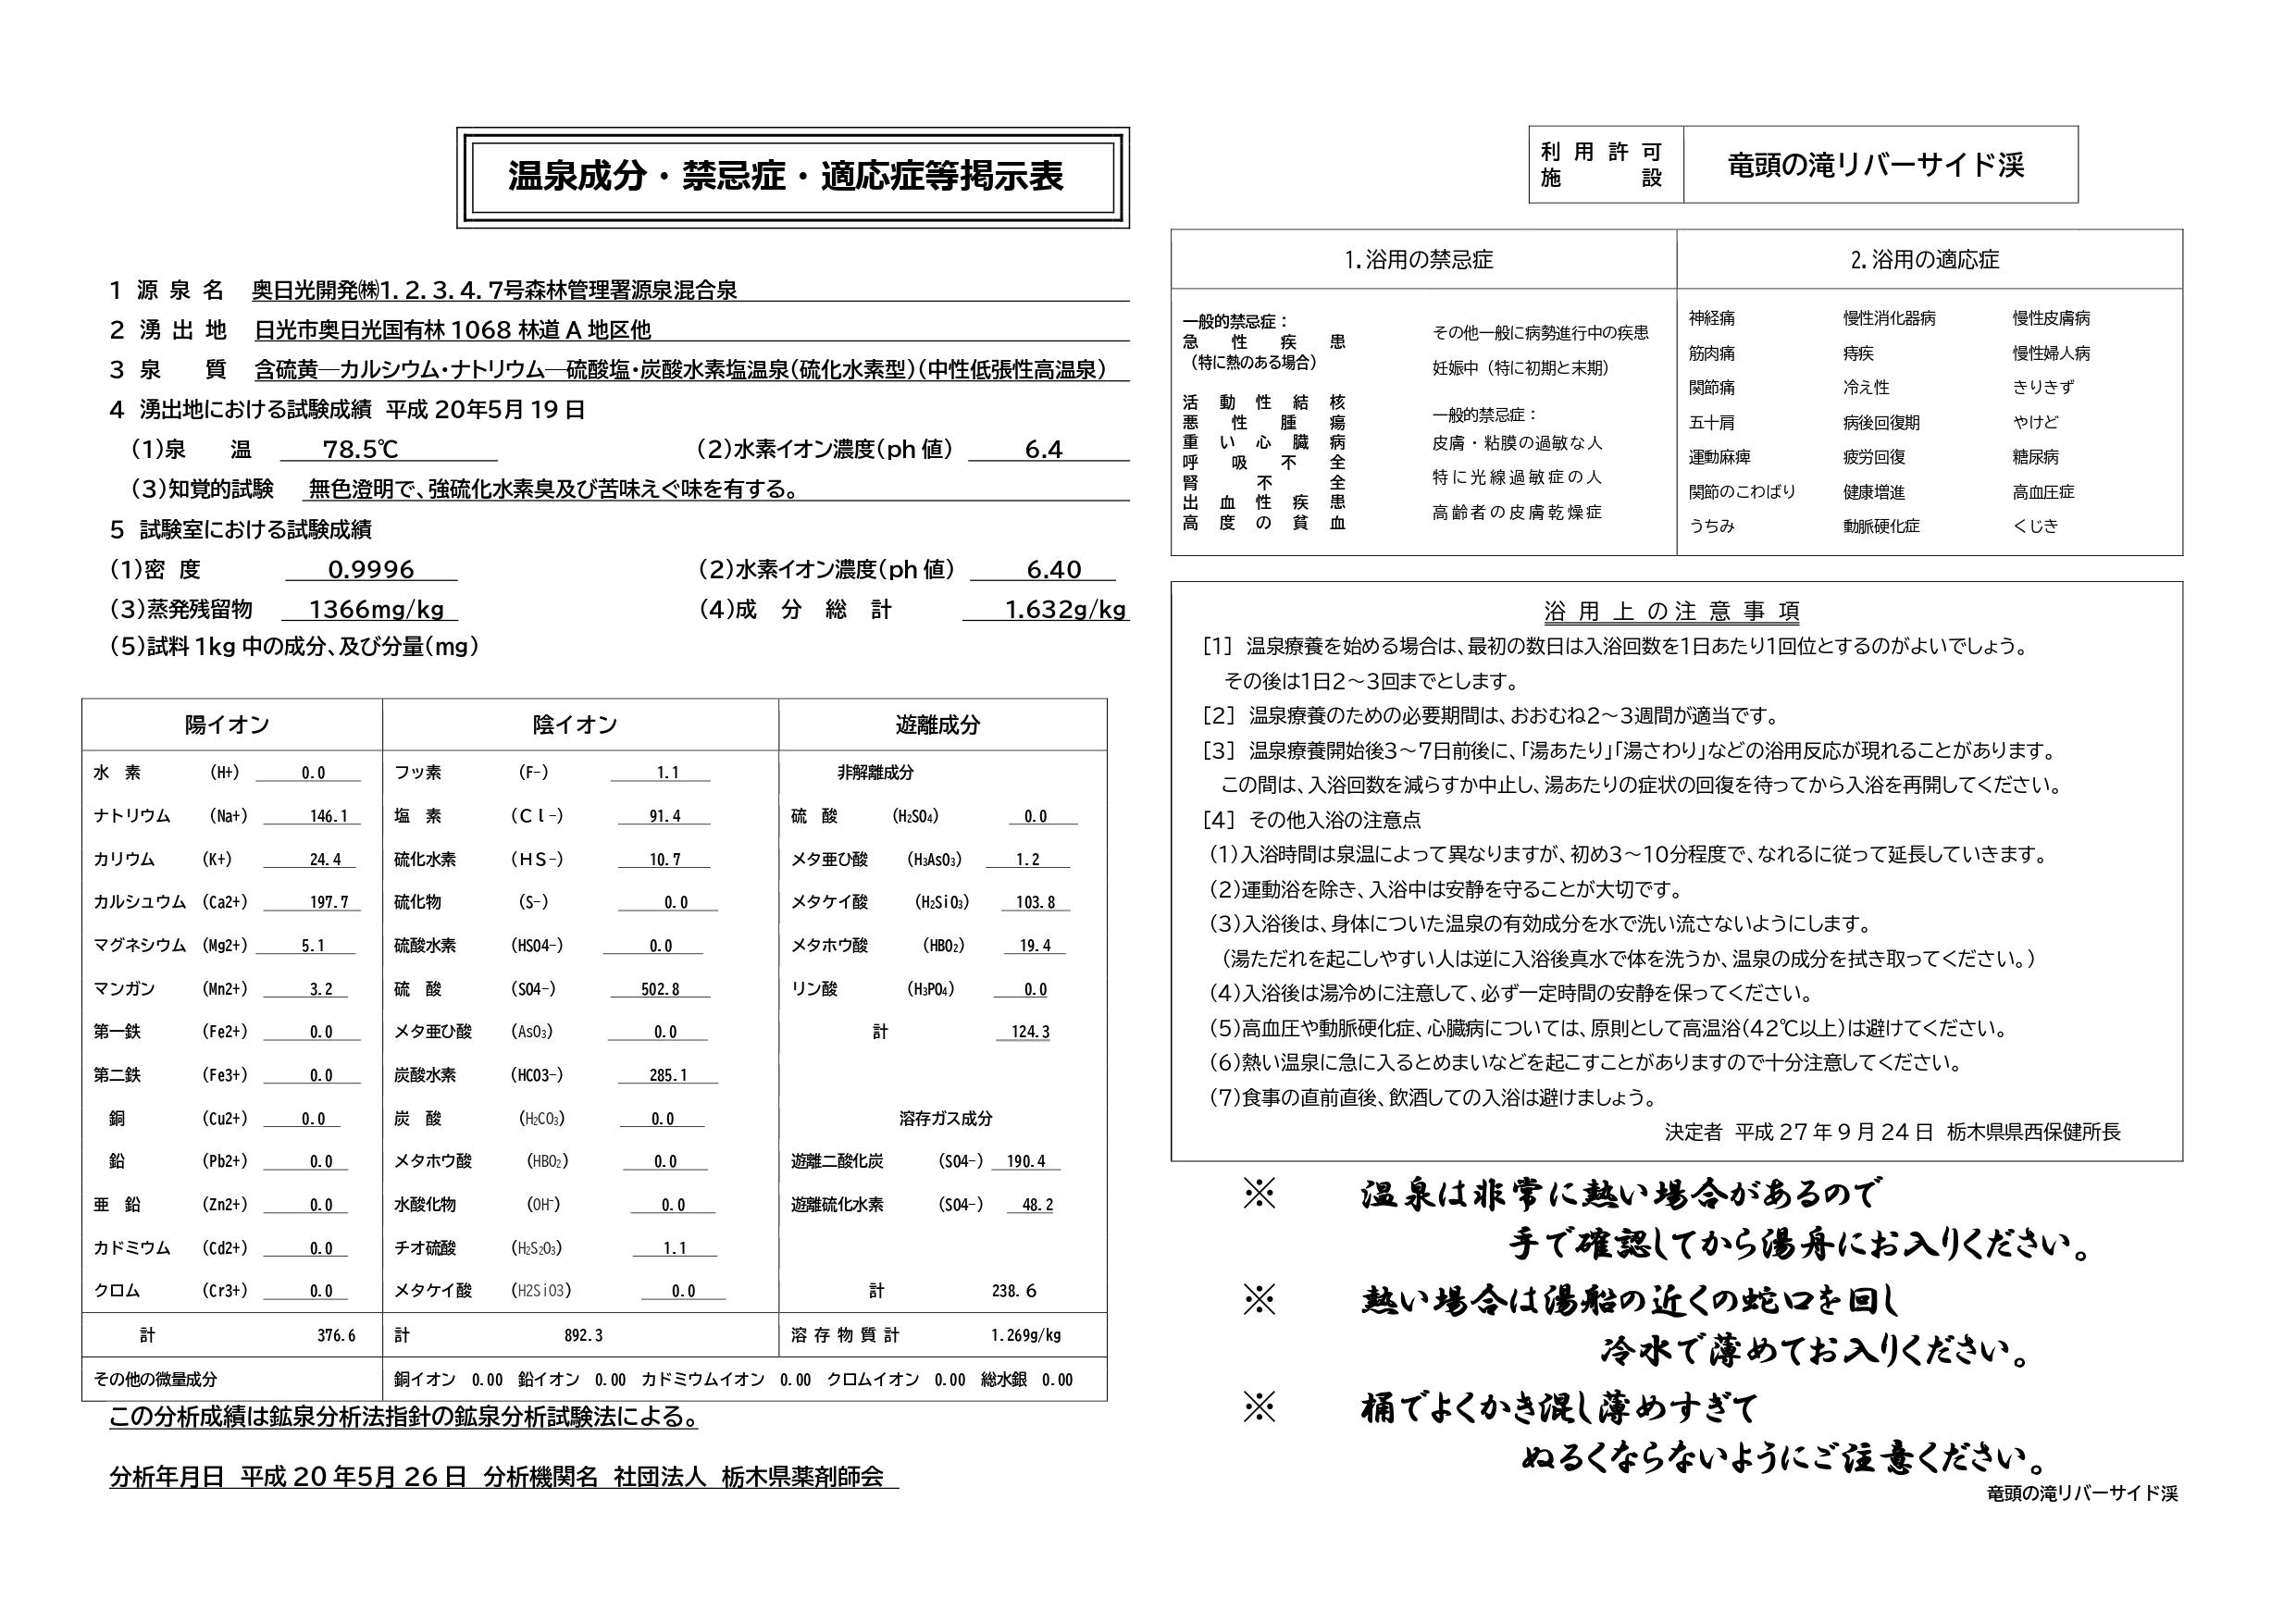 バージョン竜頭の滝リバーサイド渓 温泉成分・禁忌症・適応症等 一枚_page-0